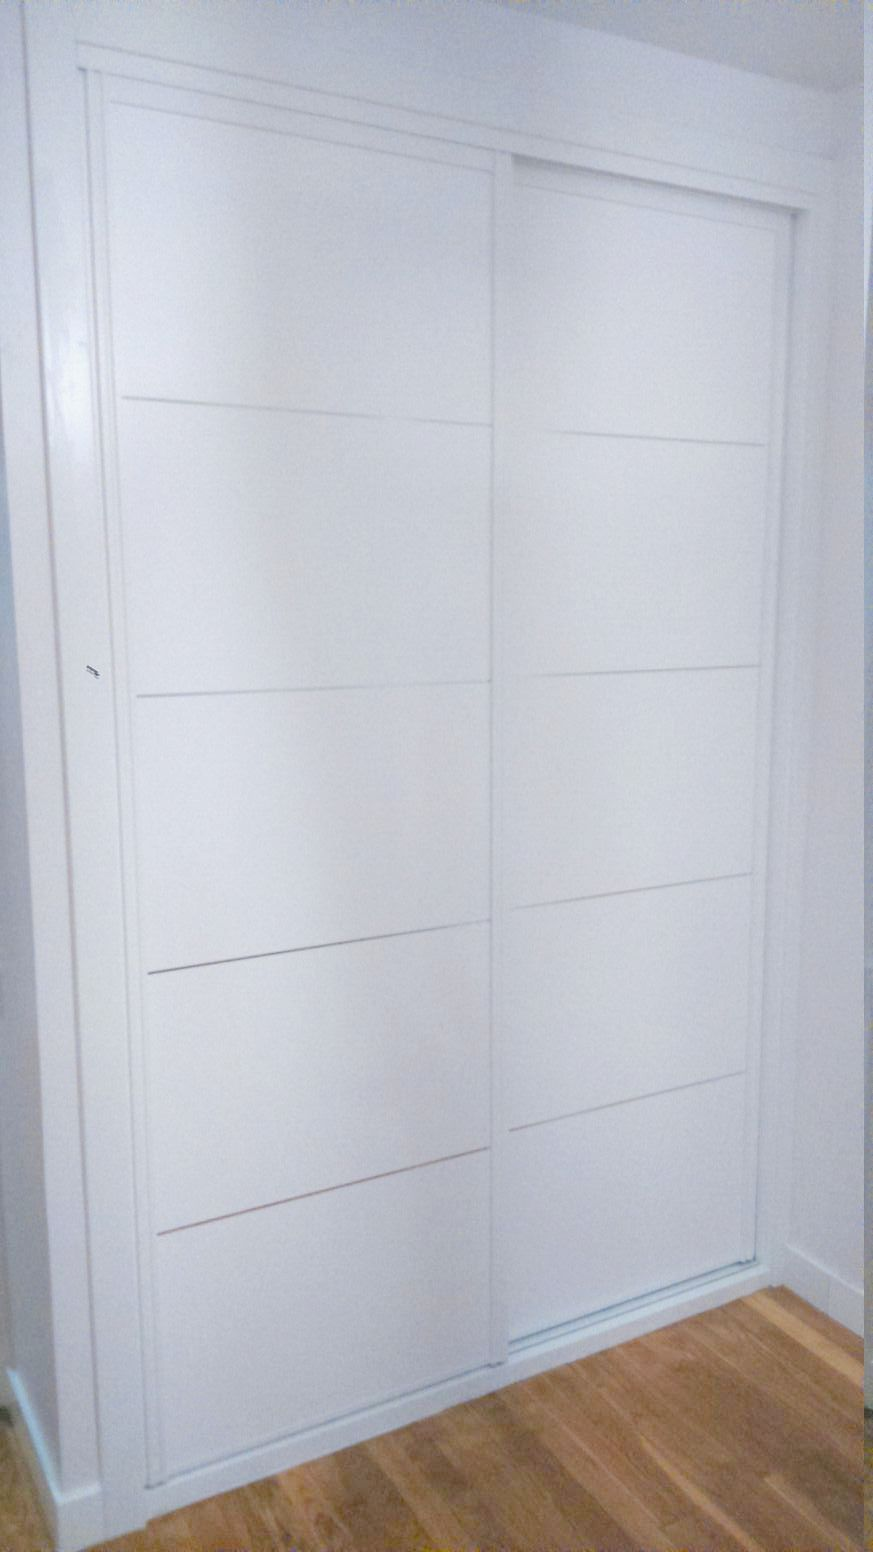 Frente de armario con puertas correderas blancas con - Frentes armarios correderas ...